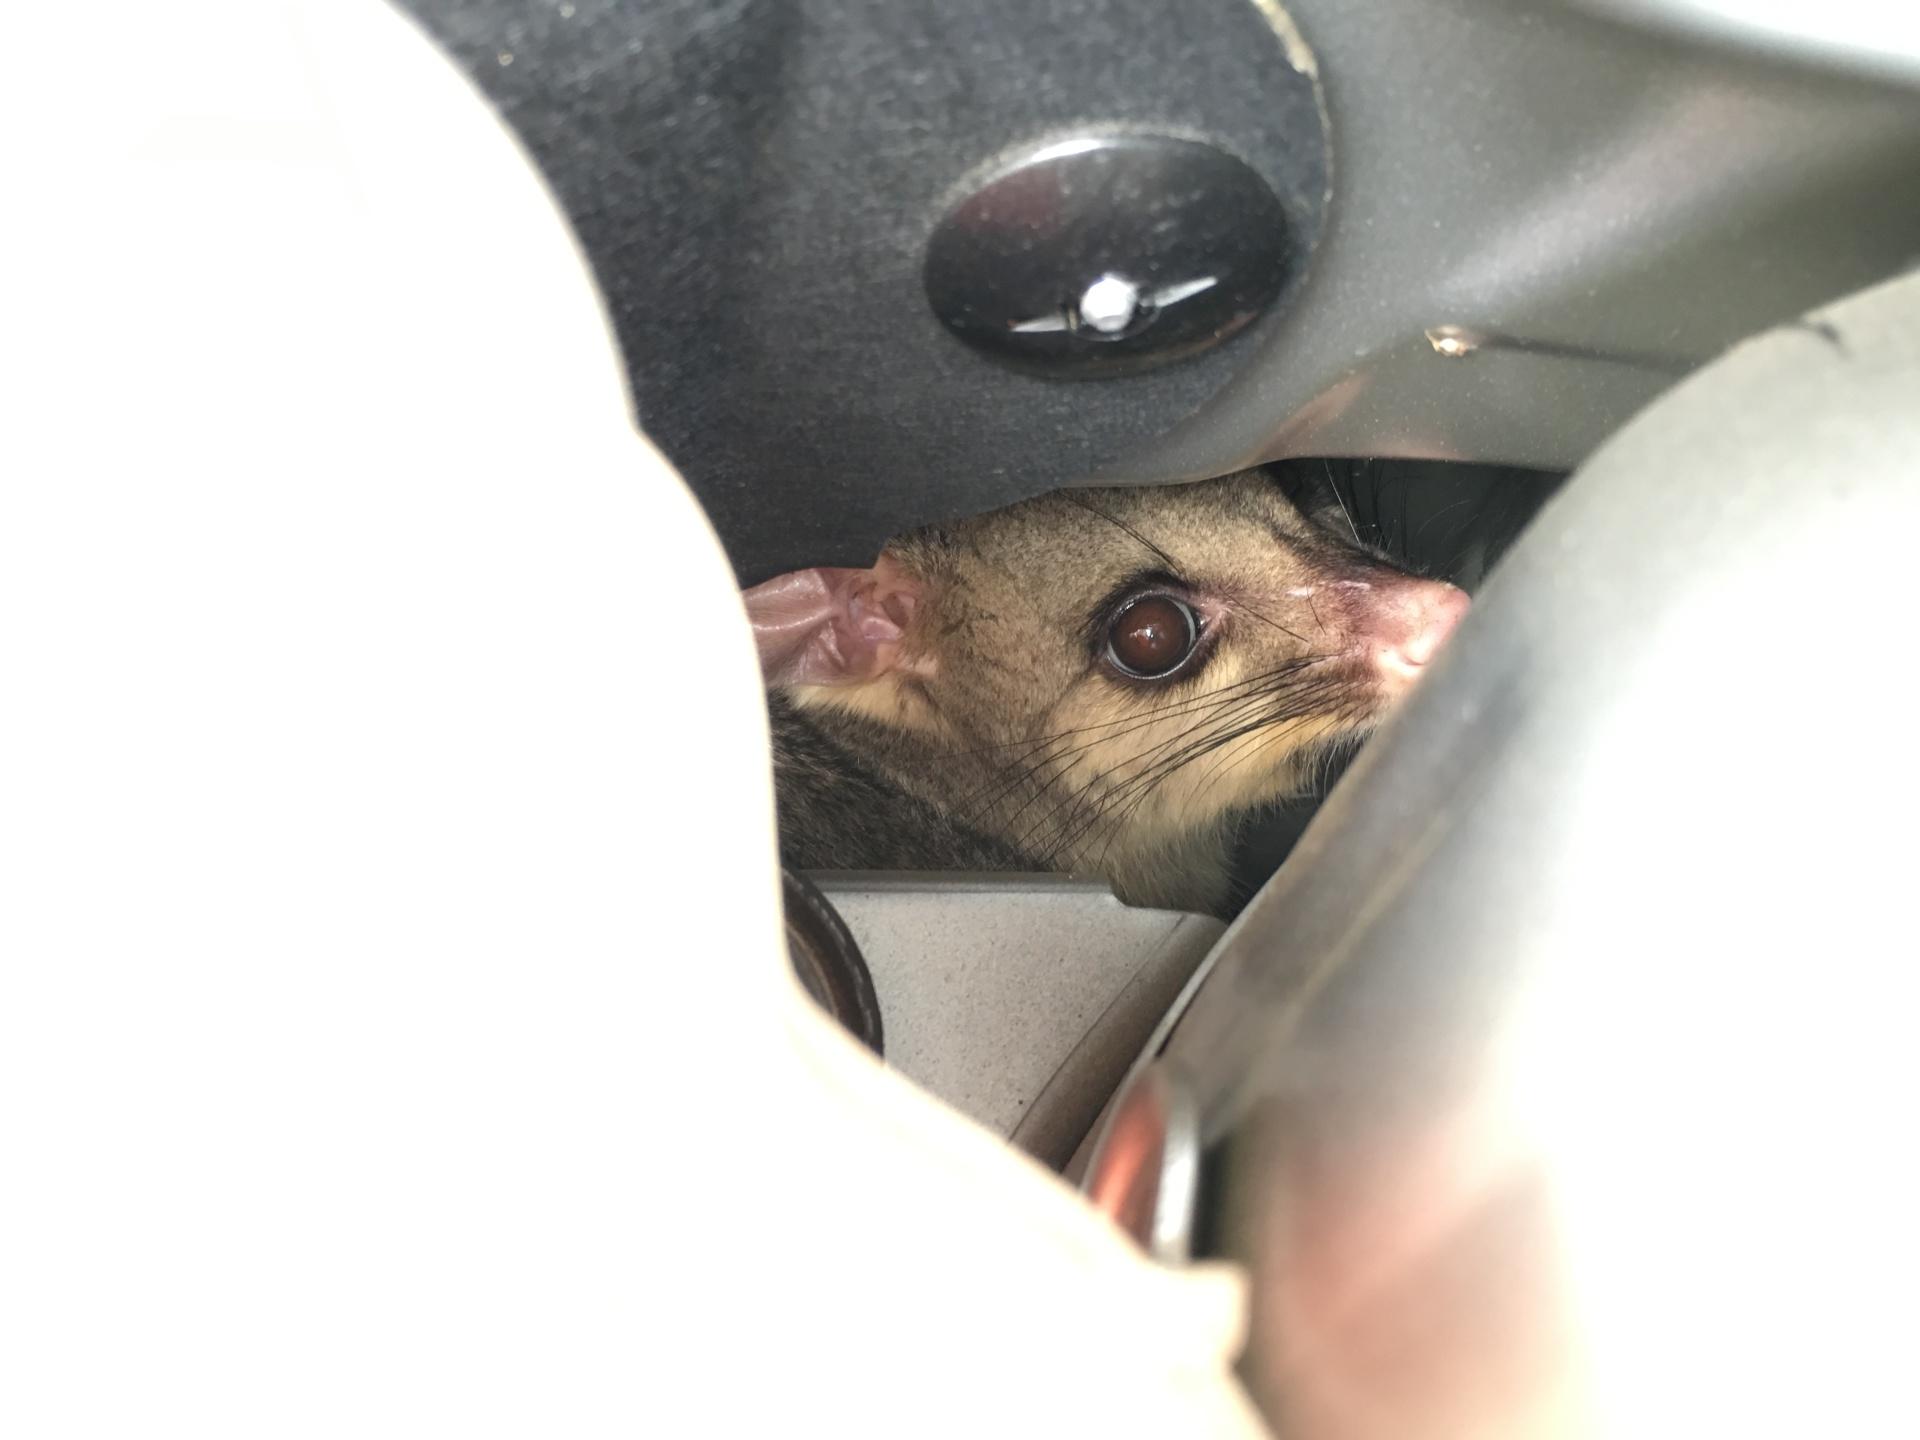 Possum Inside Car Engine Bay.